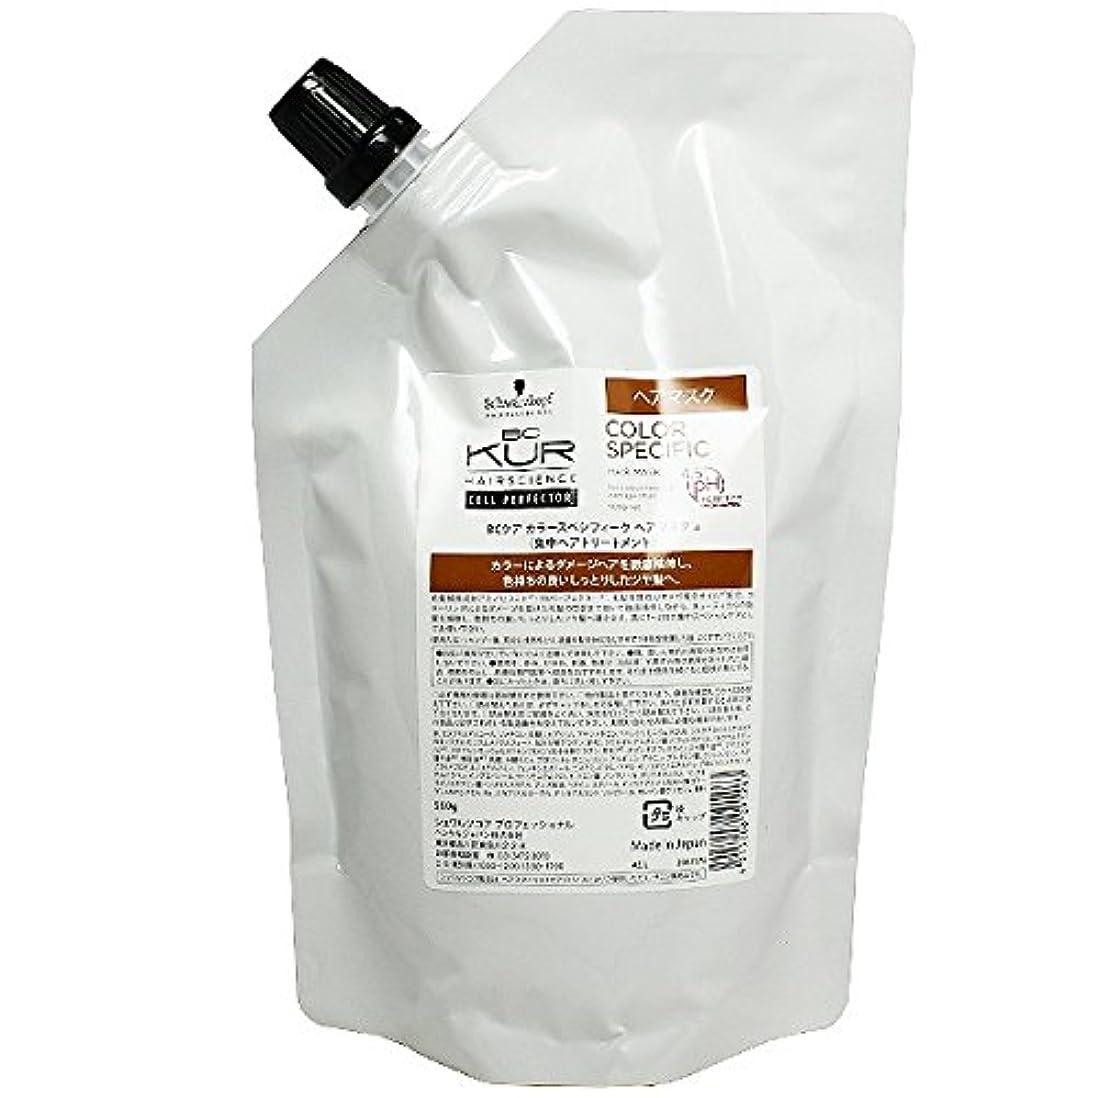 クモ発掘するテロシュワルツコフ BCクア カラースペシフィーク ヘアマスクa 500g(詰替)